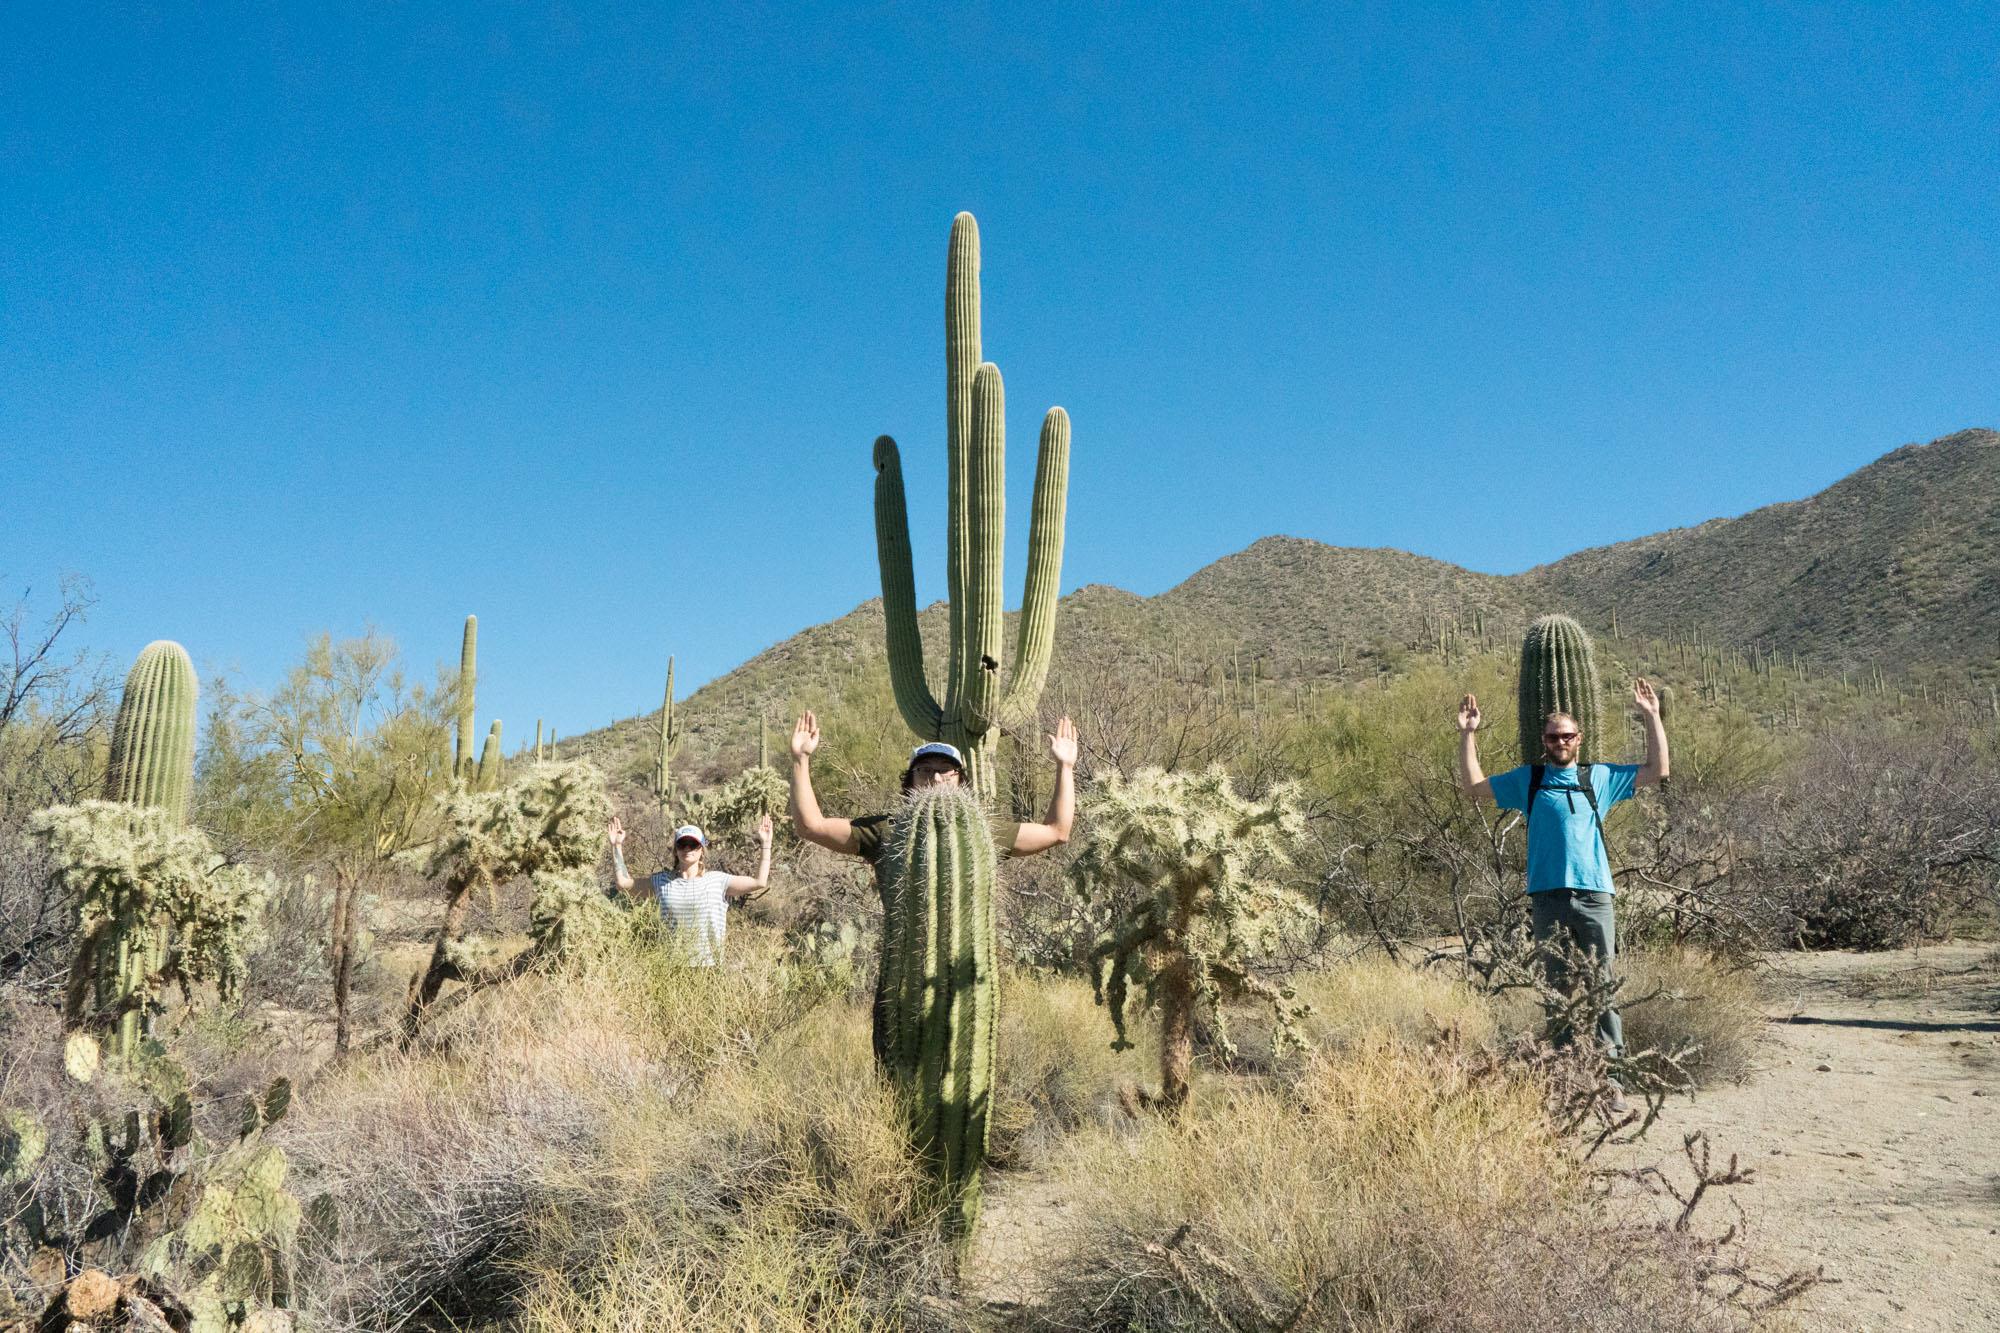 Cactus Impersonations